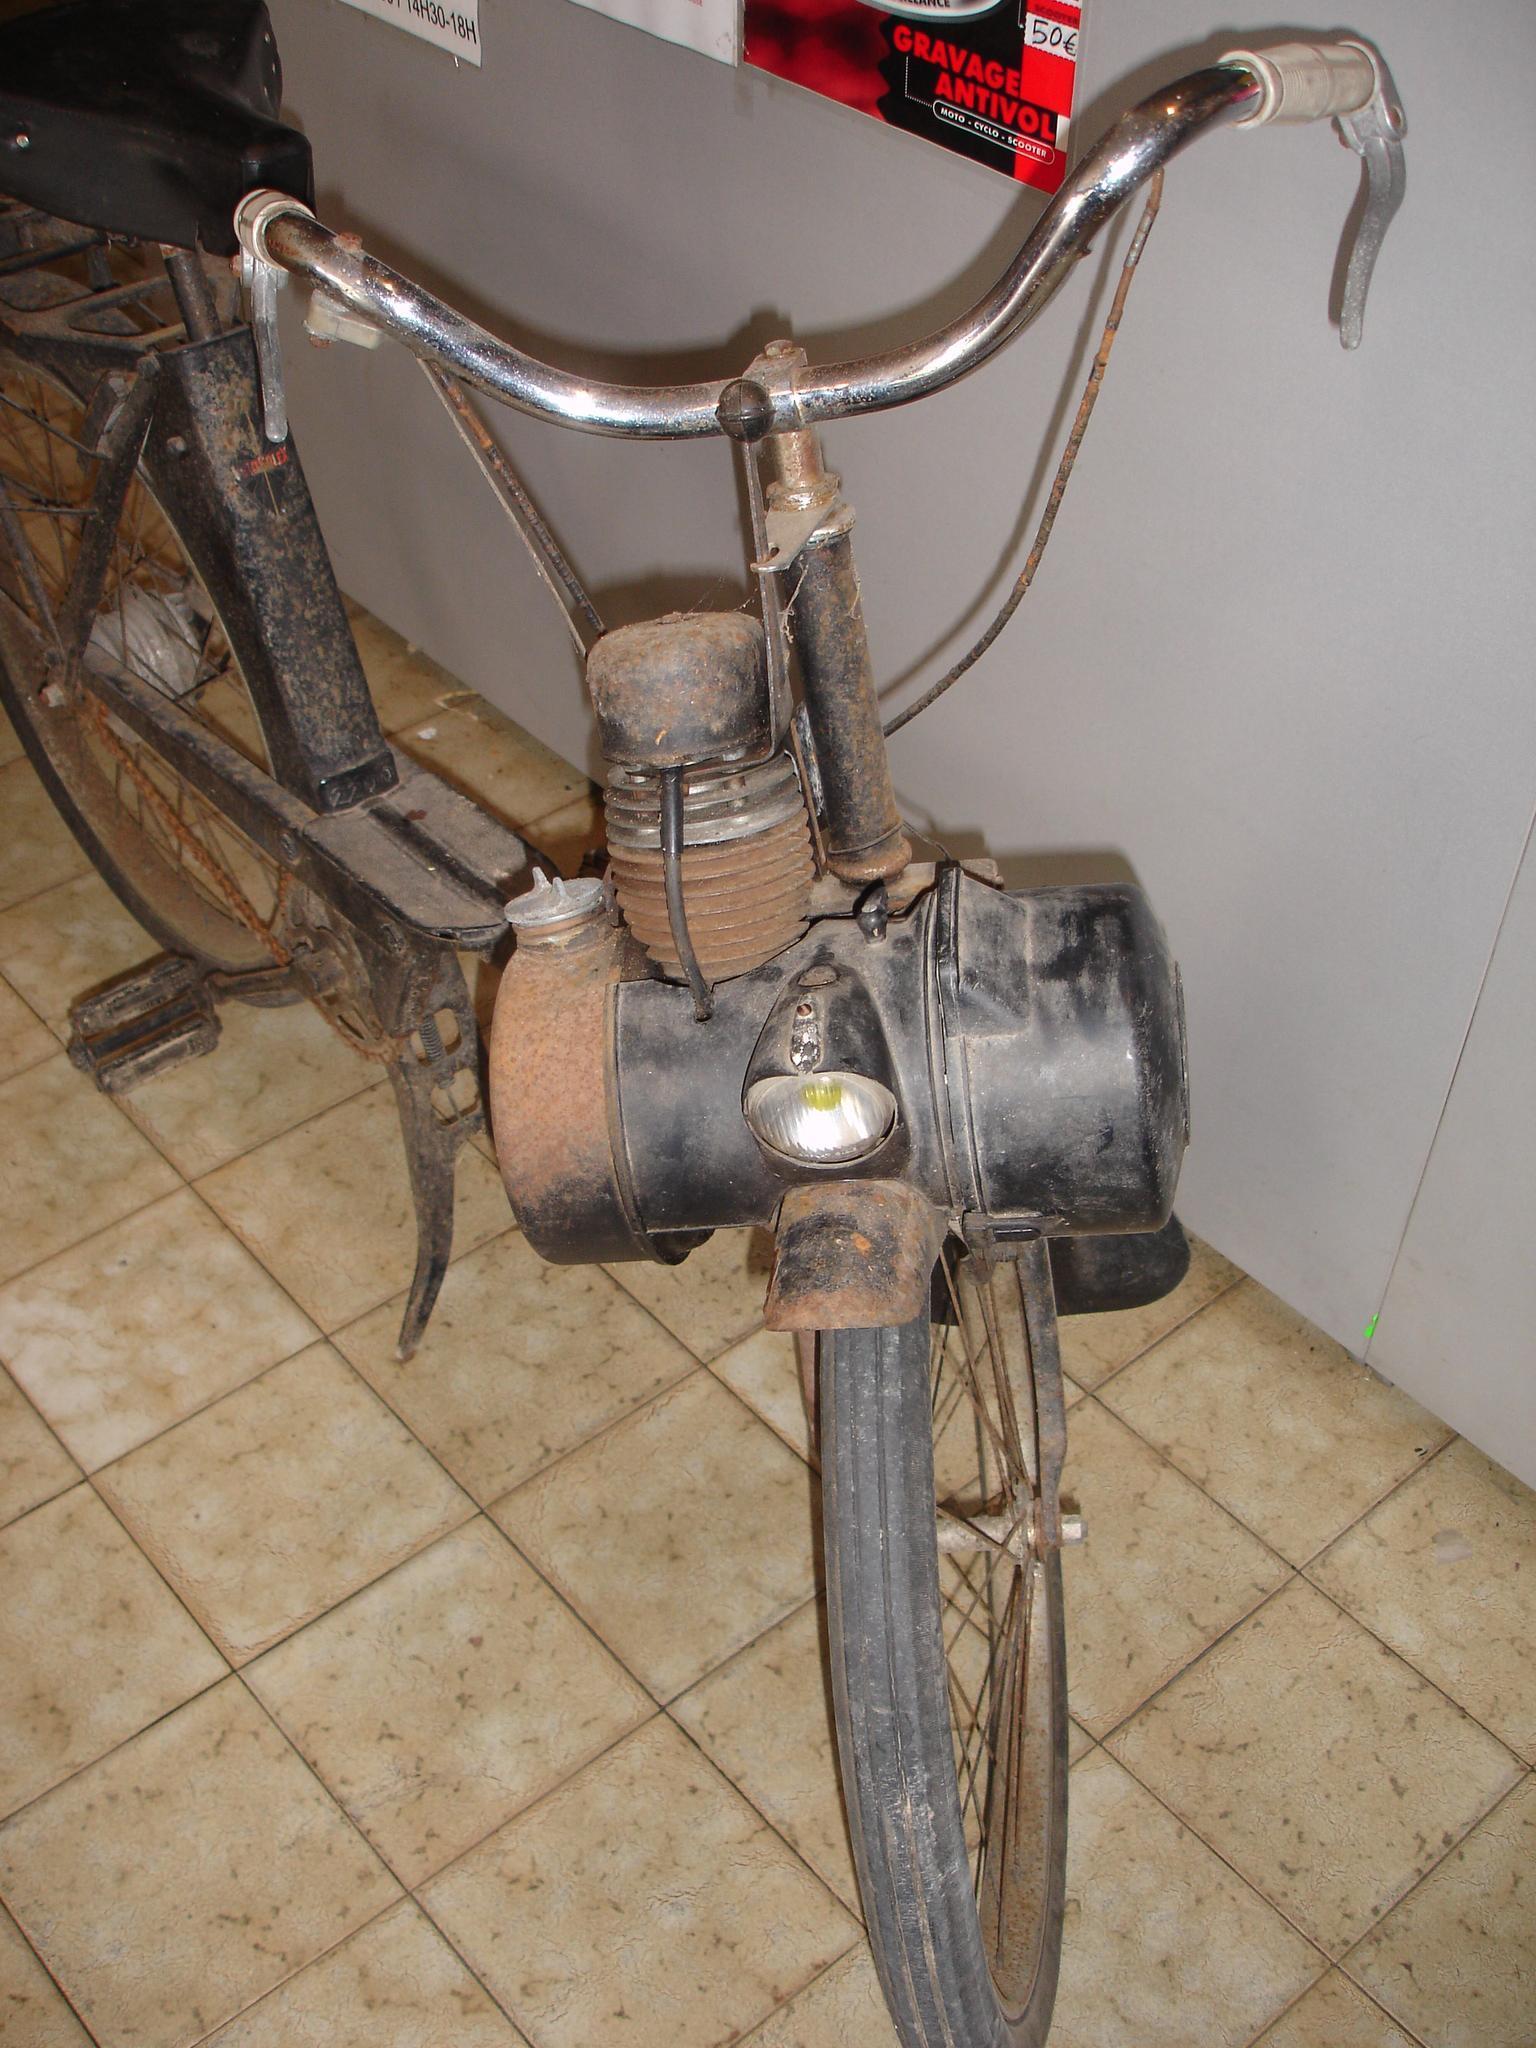 nettoyage moteur solex 3800